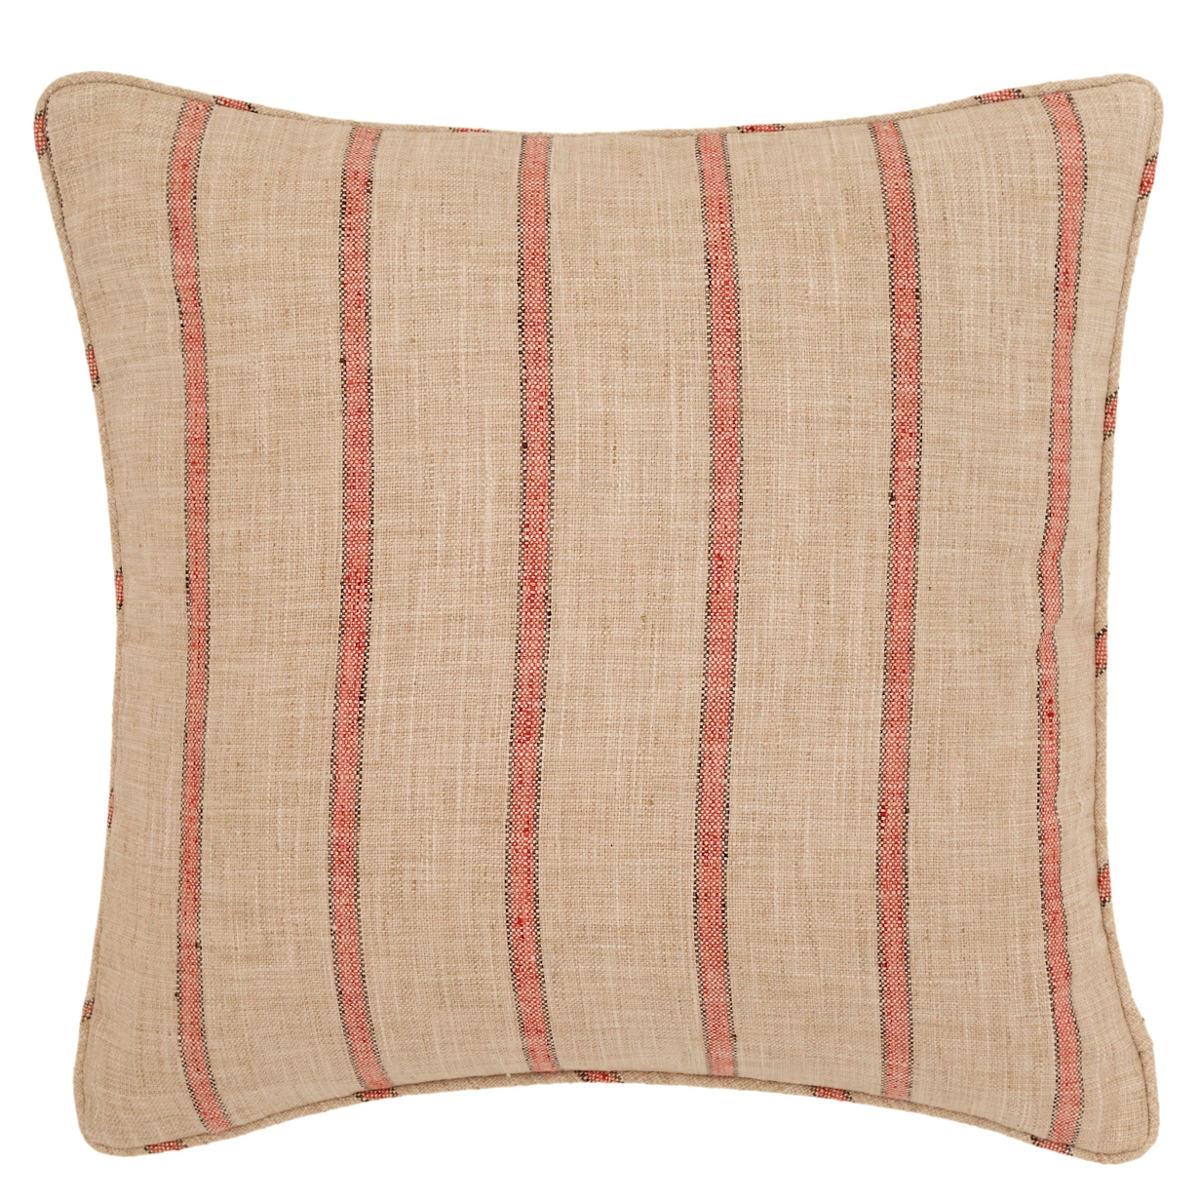 Glendale Stripe Brick/Brown Indoor/Outdoor Decorative Pillow